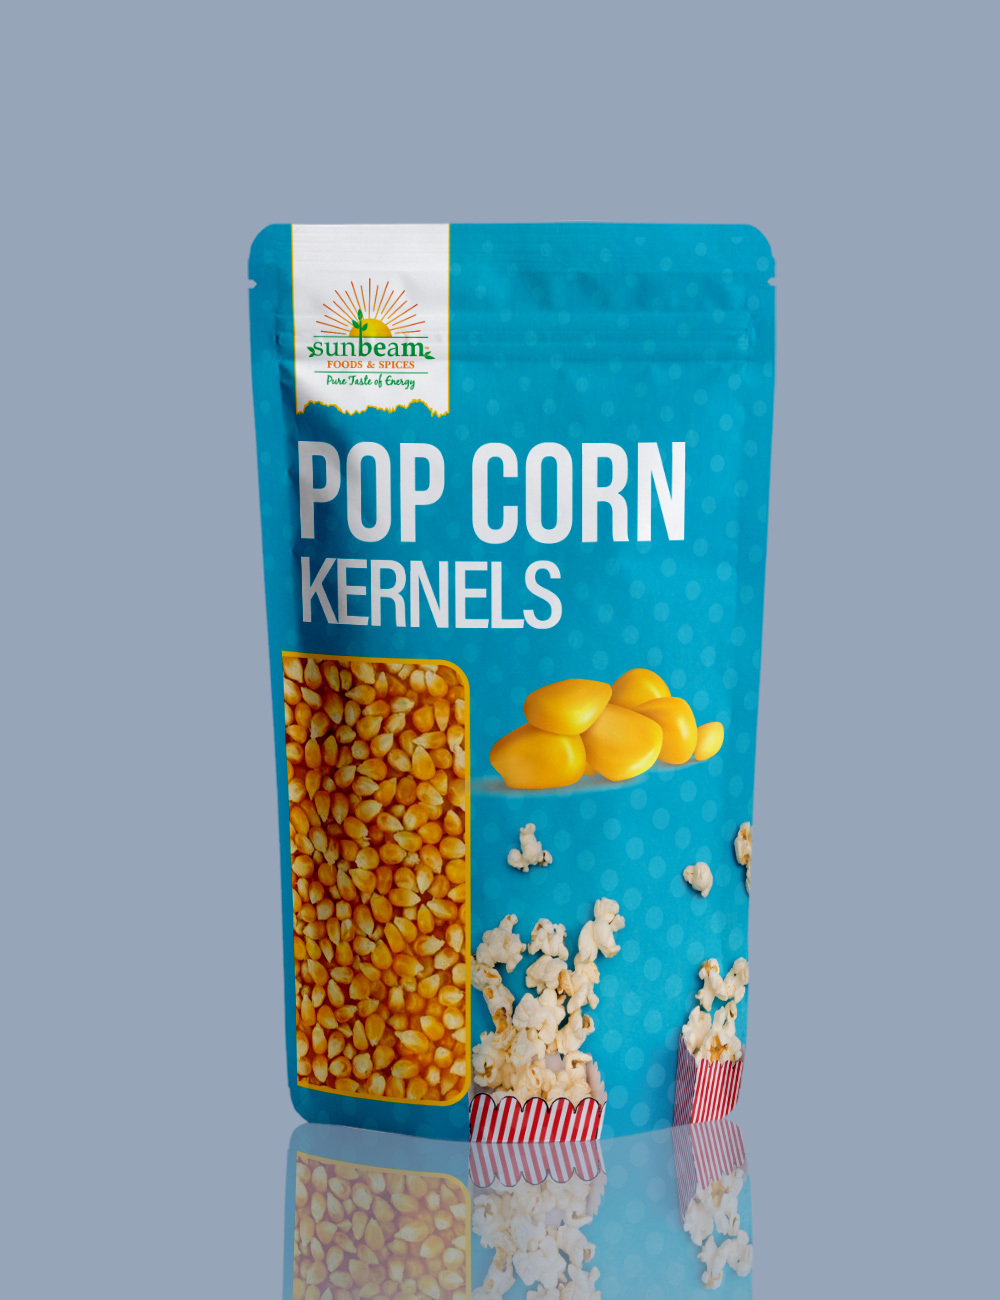 Kernel popcorn